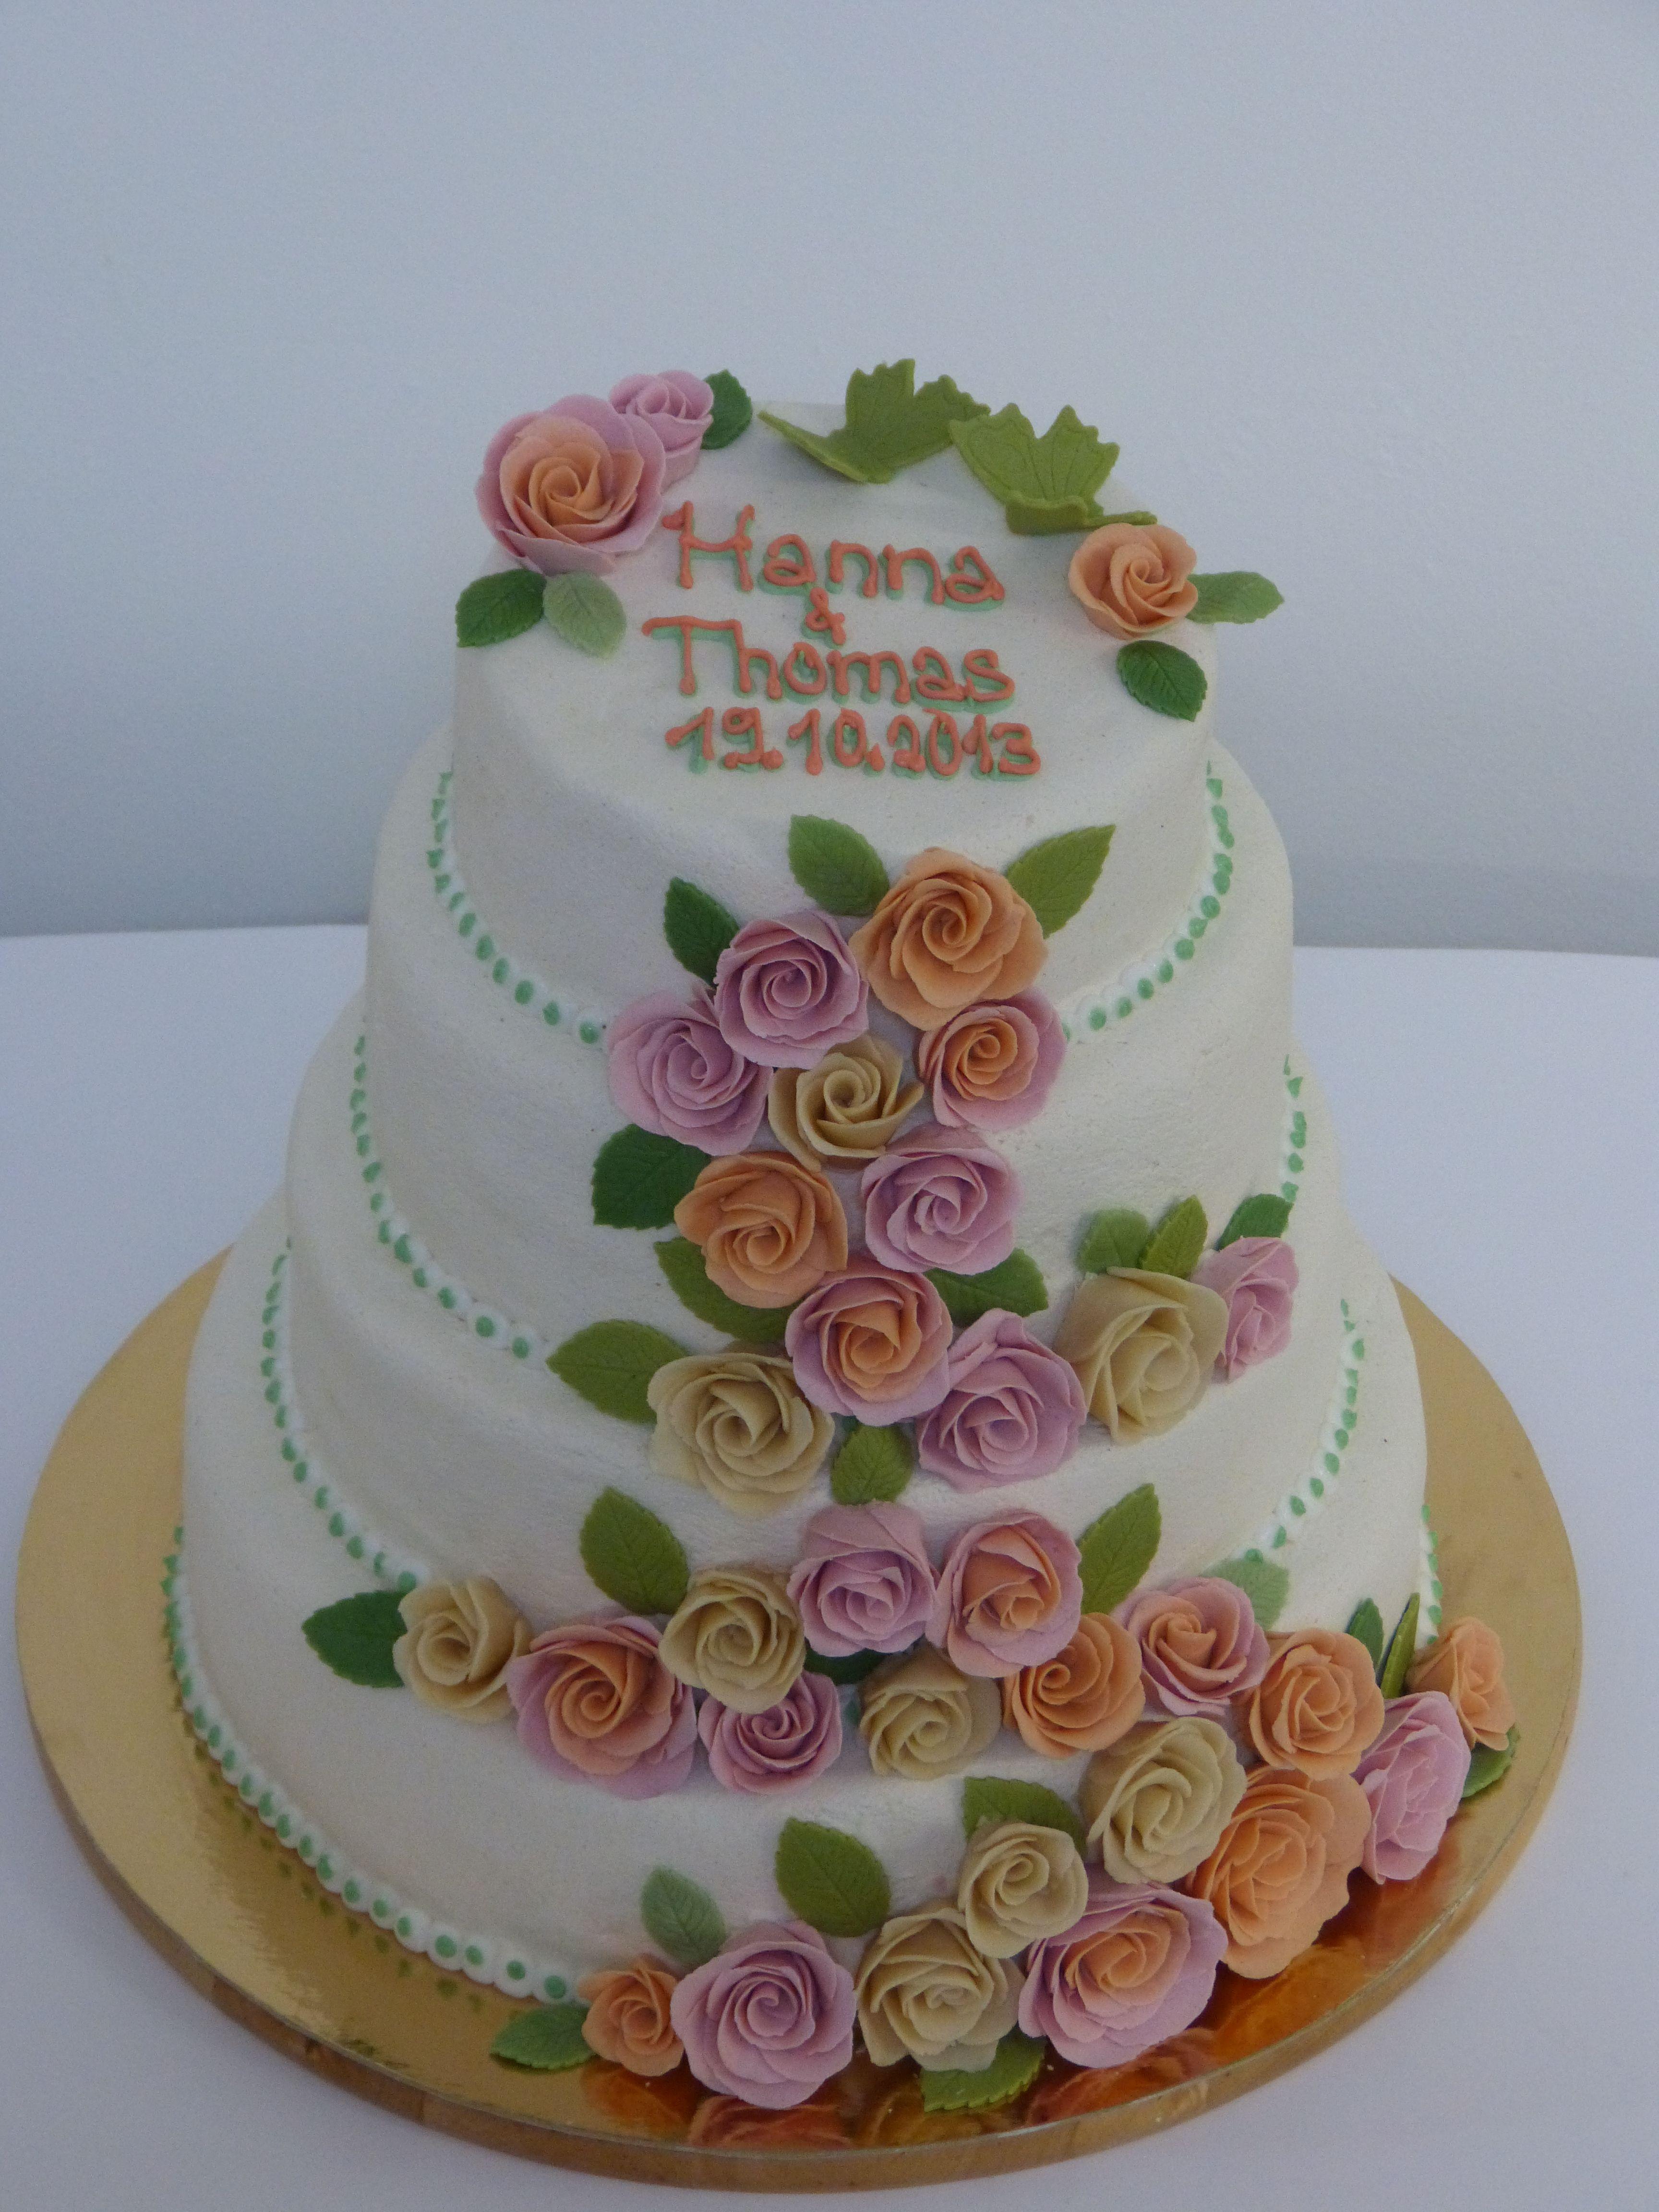 Hochzeitstorte Konz Trier CAKE CUBE Marzipanrosen Niedermennig Torten Kuchen Saarburg